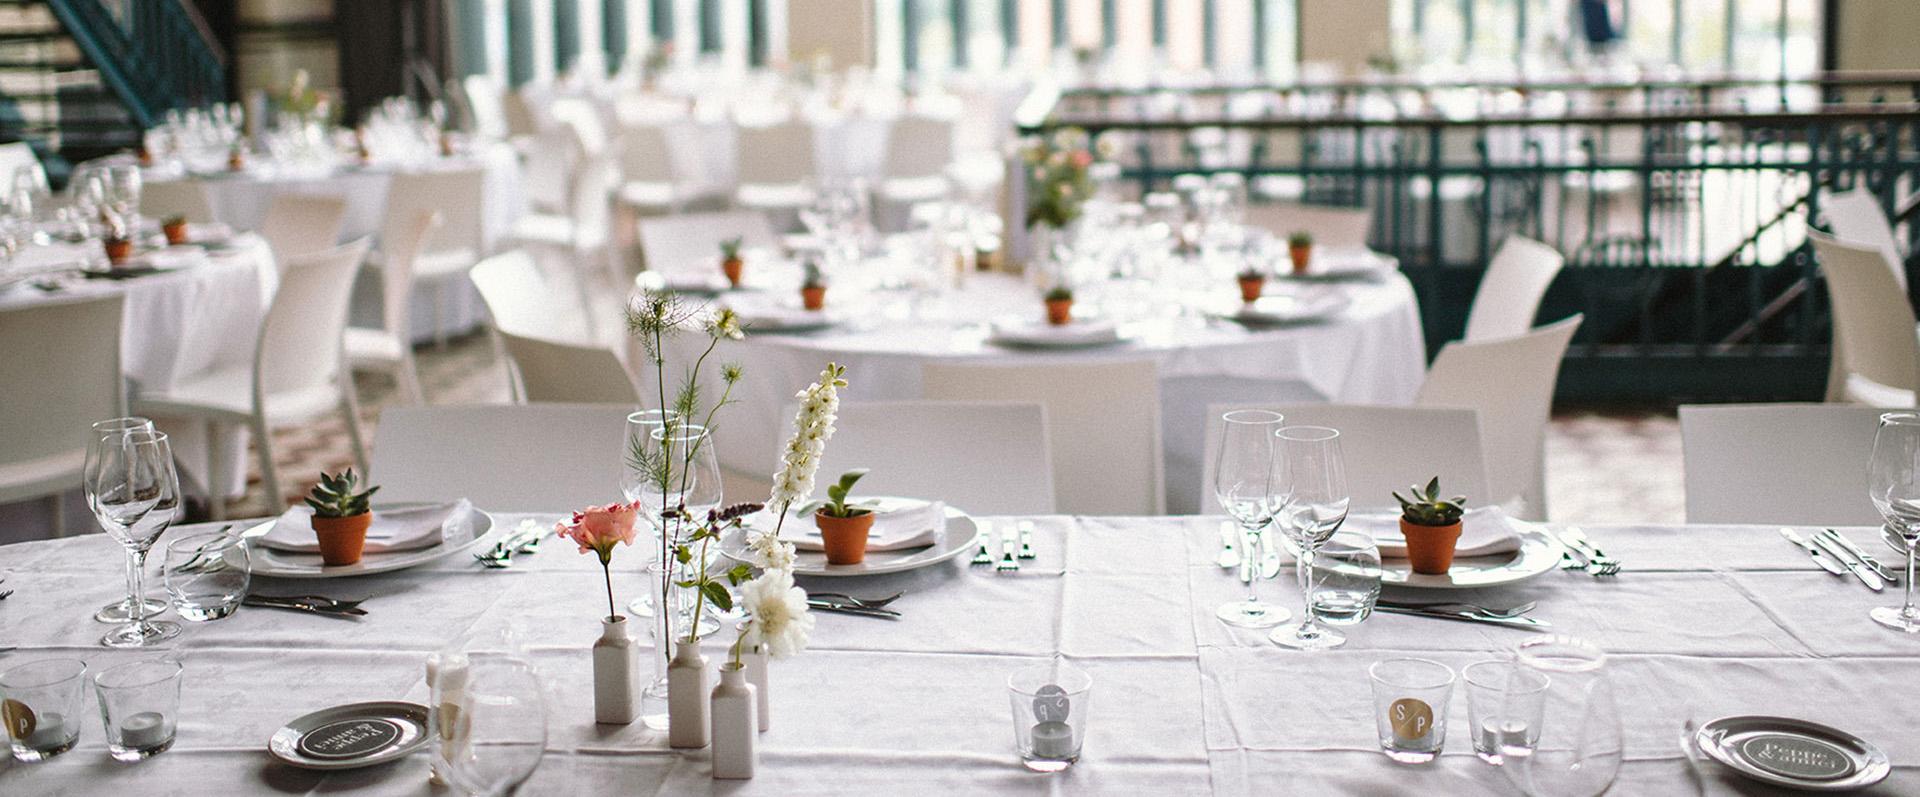 barenzaal-catering